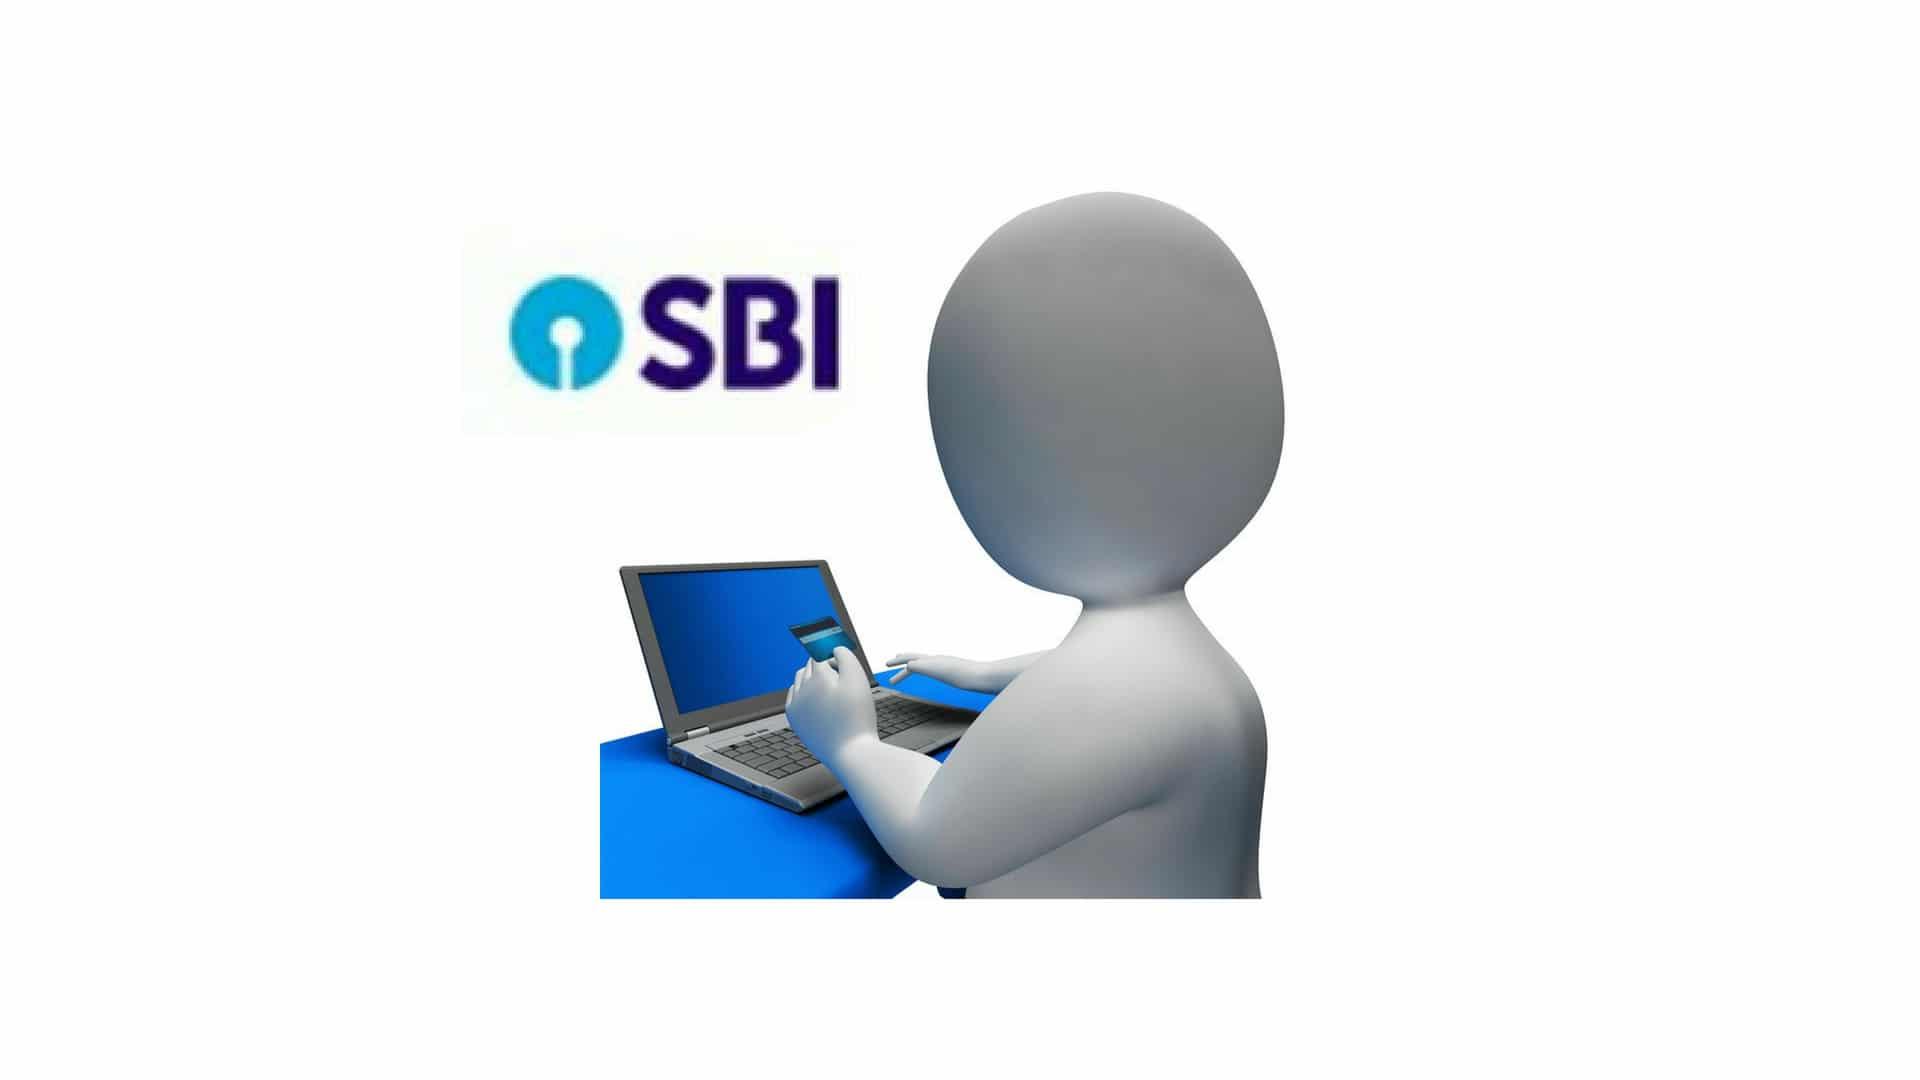 एसबीआई नेट बैंकिंग ऑनलाइन रजिस्ट्रेशन कैसे करें – SBI Internet Banking Registration Online